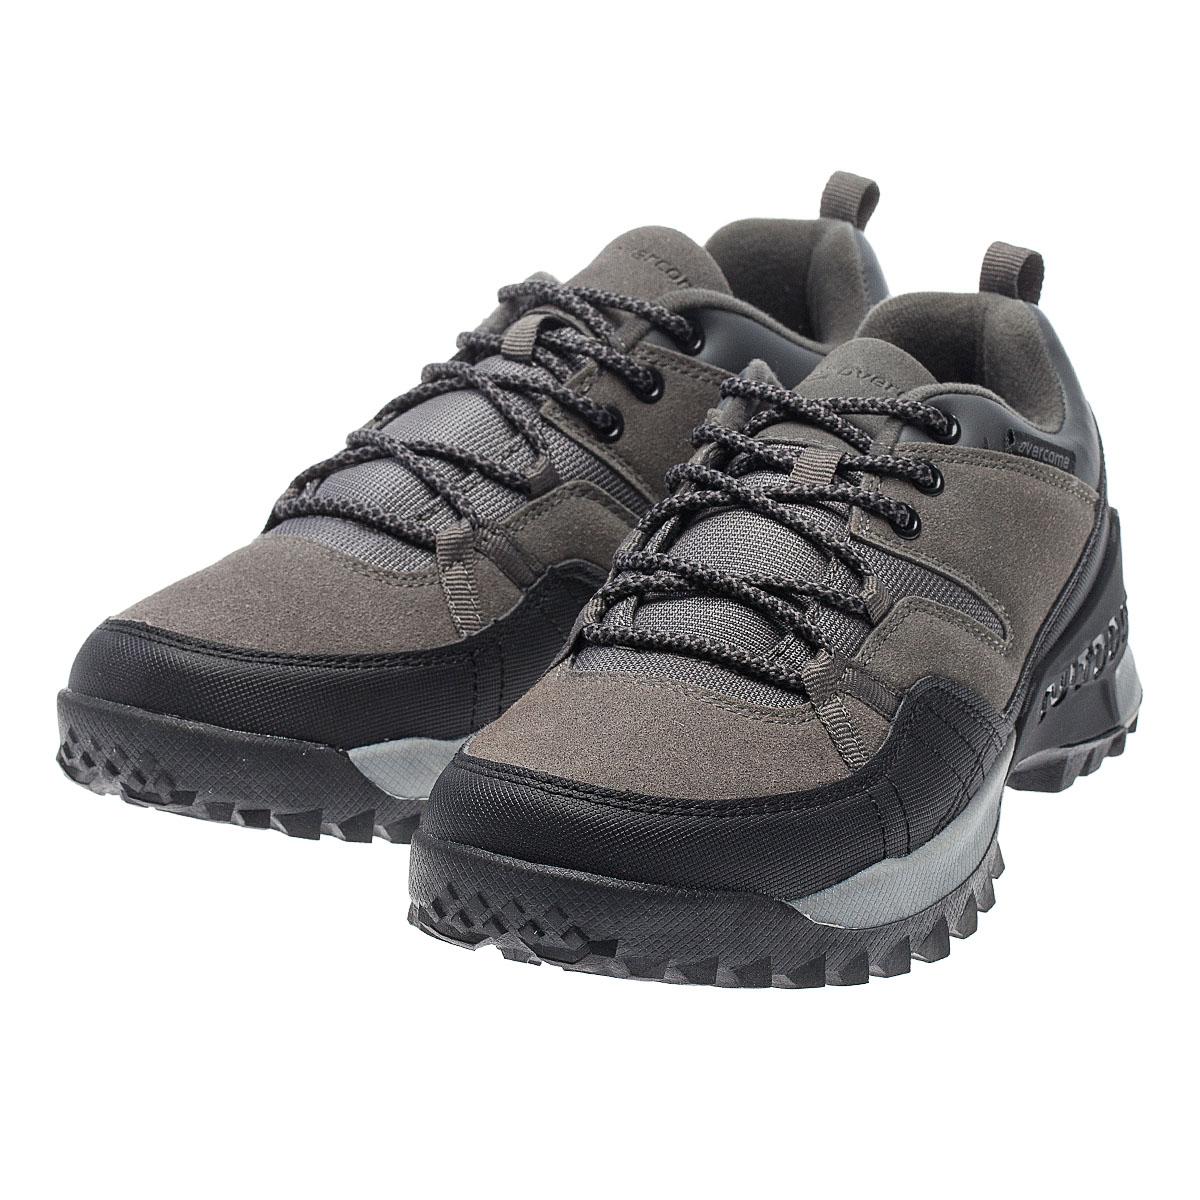 Ботинки демисезонные Overcome, HSM 17499 демисезонные ботинки ferragamo parigi calf hazelnut